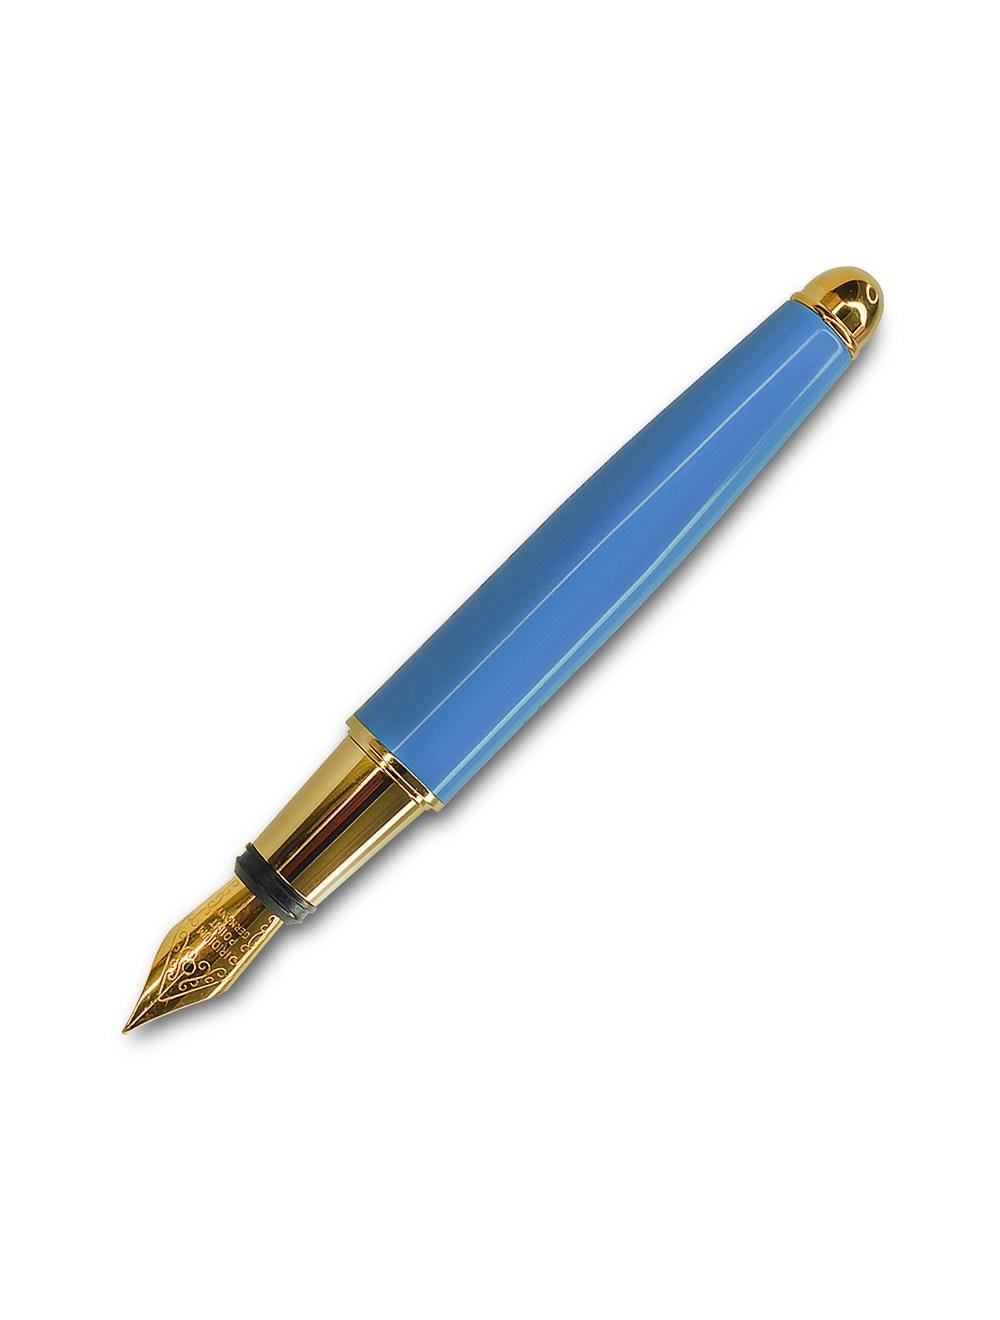 Minny Fountain Pen - Blue Jeans